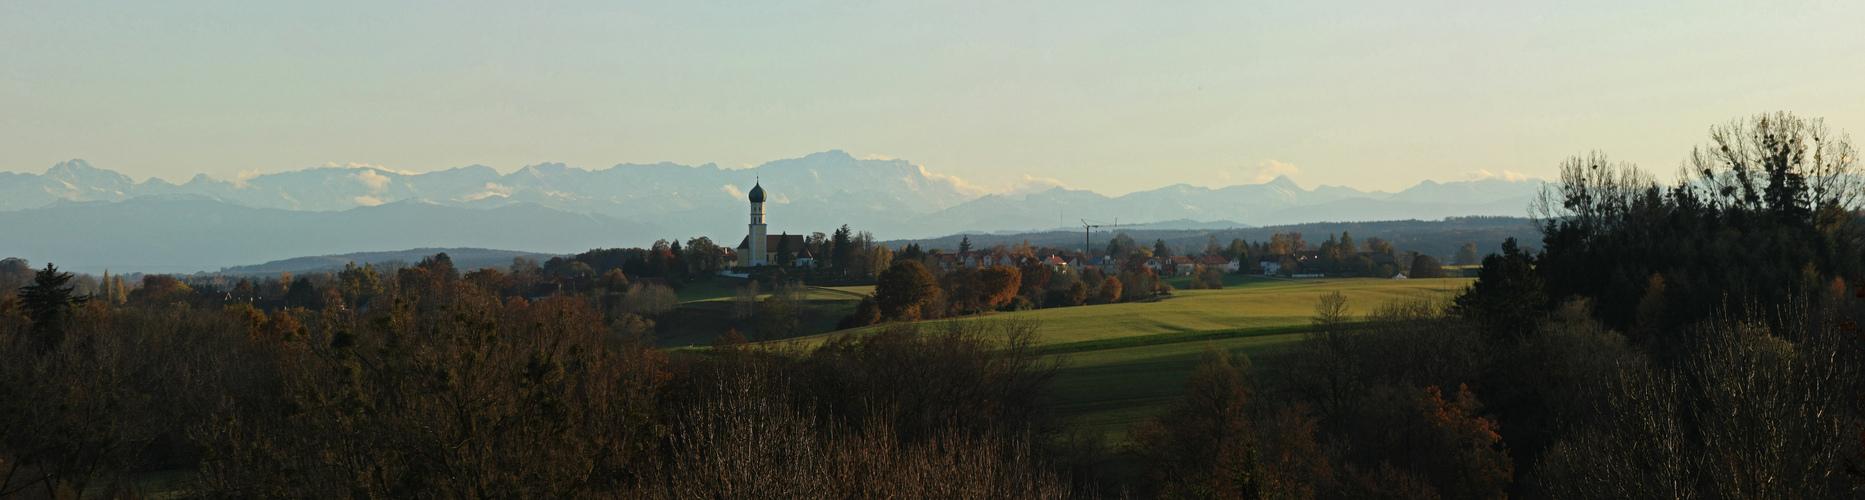 Schondorf am Ammersee